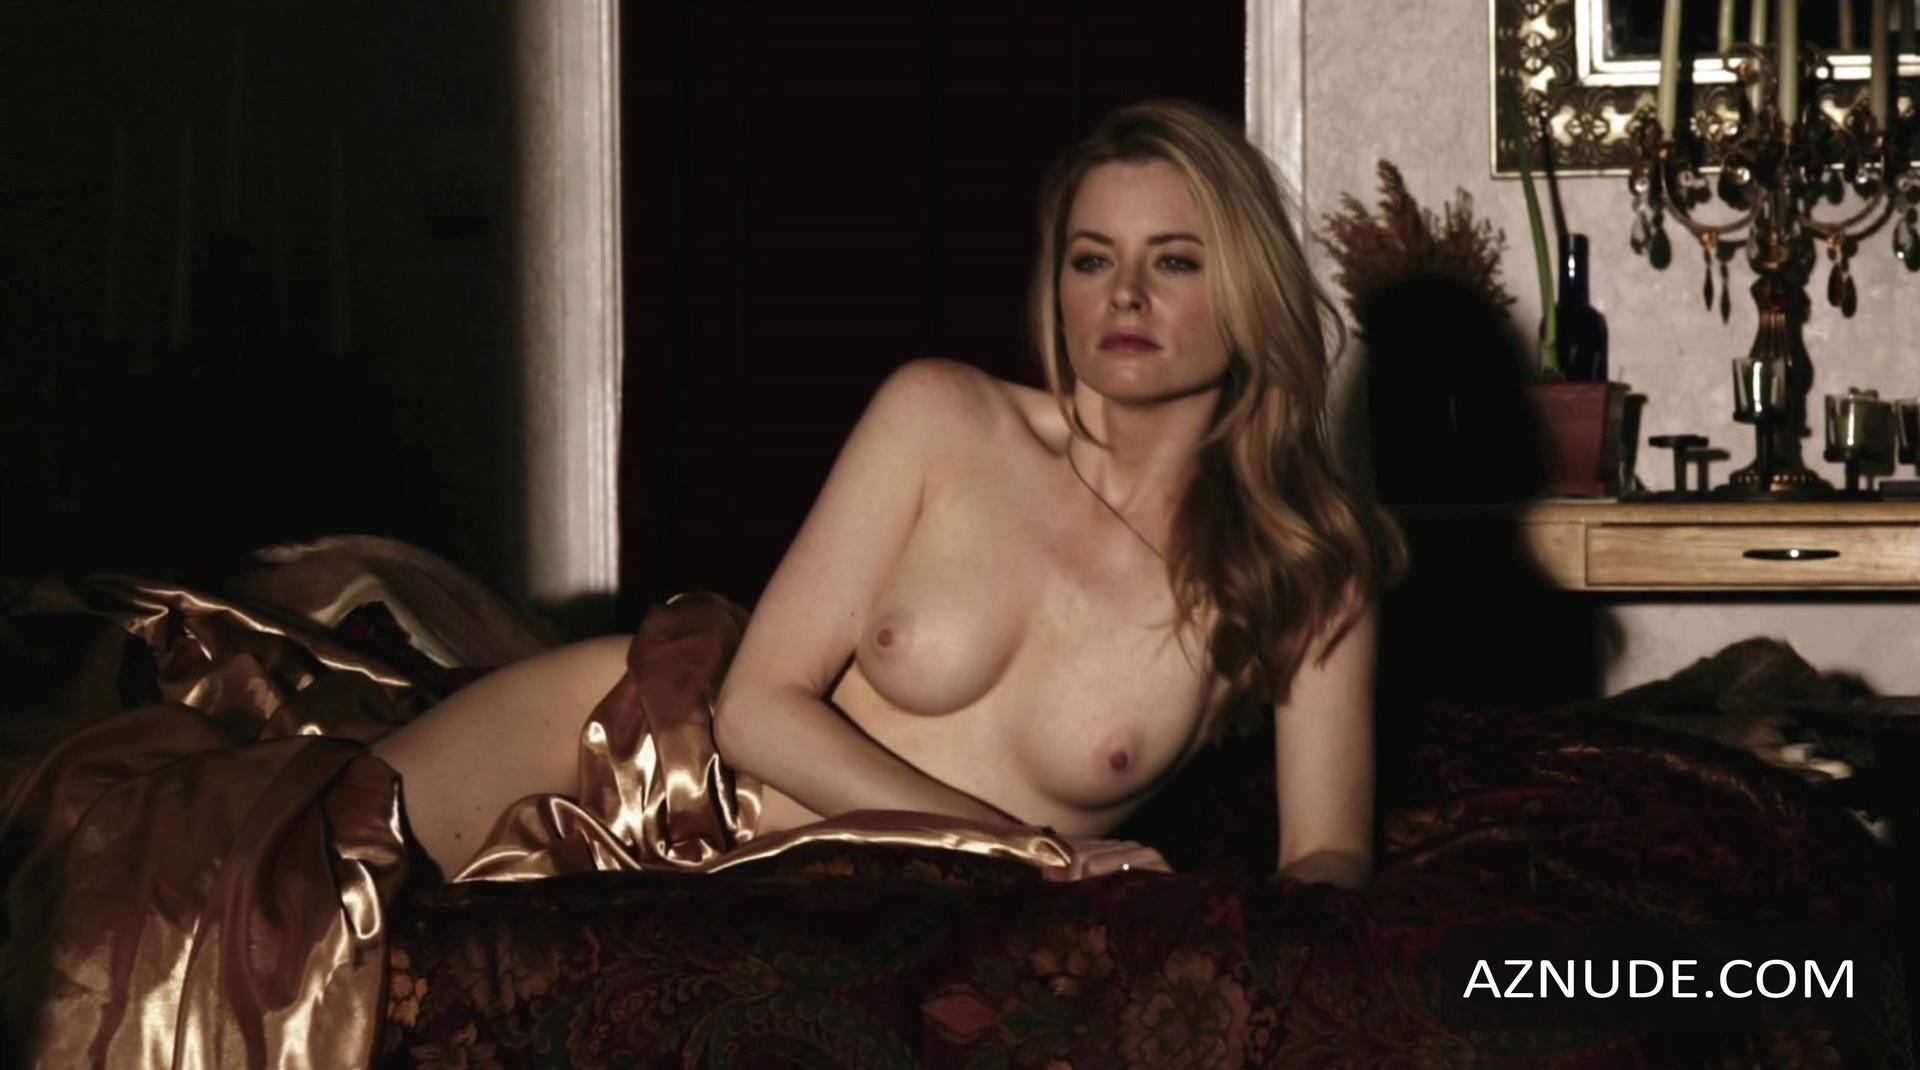 Blonde bikini model nude